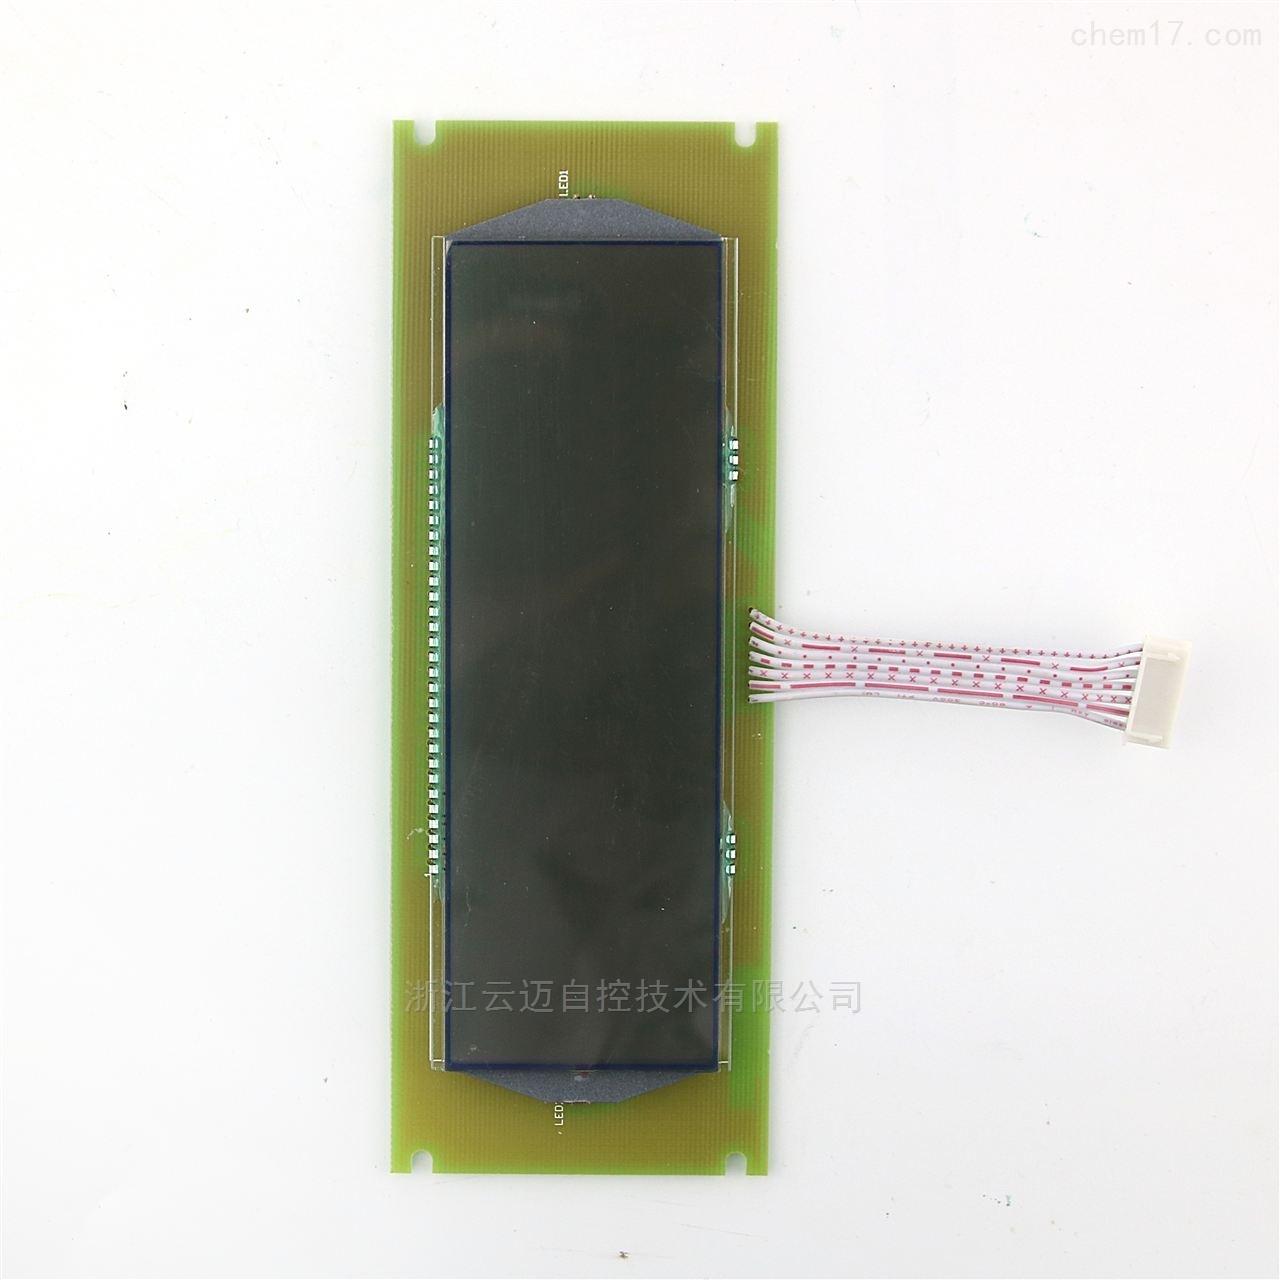 液晶显示屏幕直销